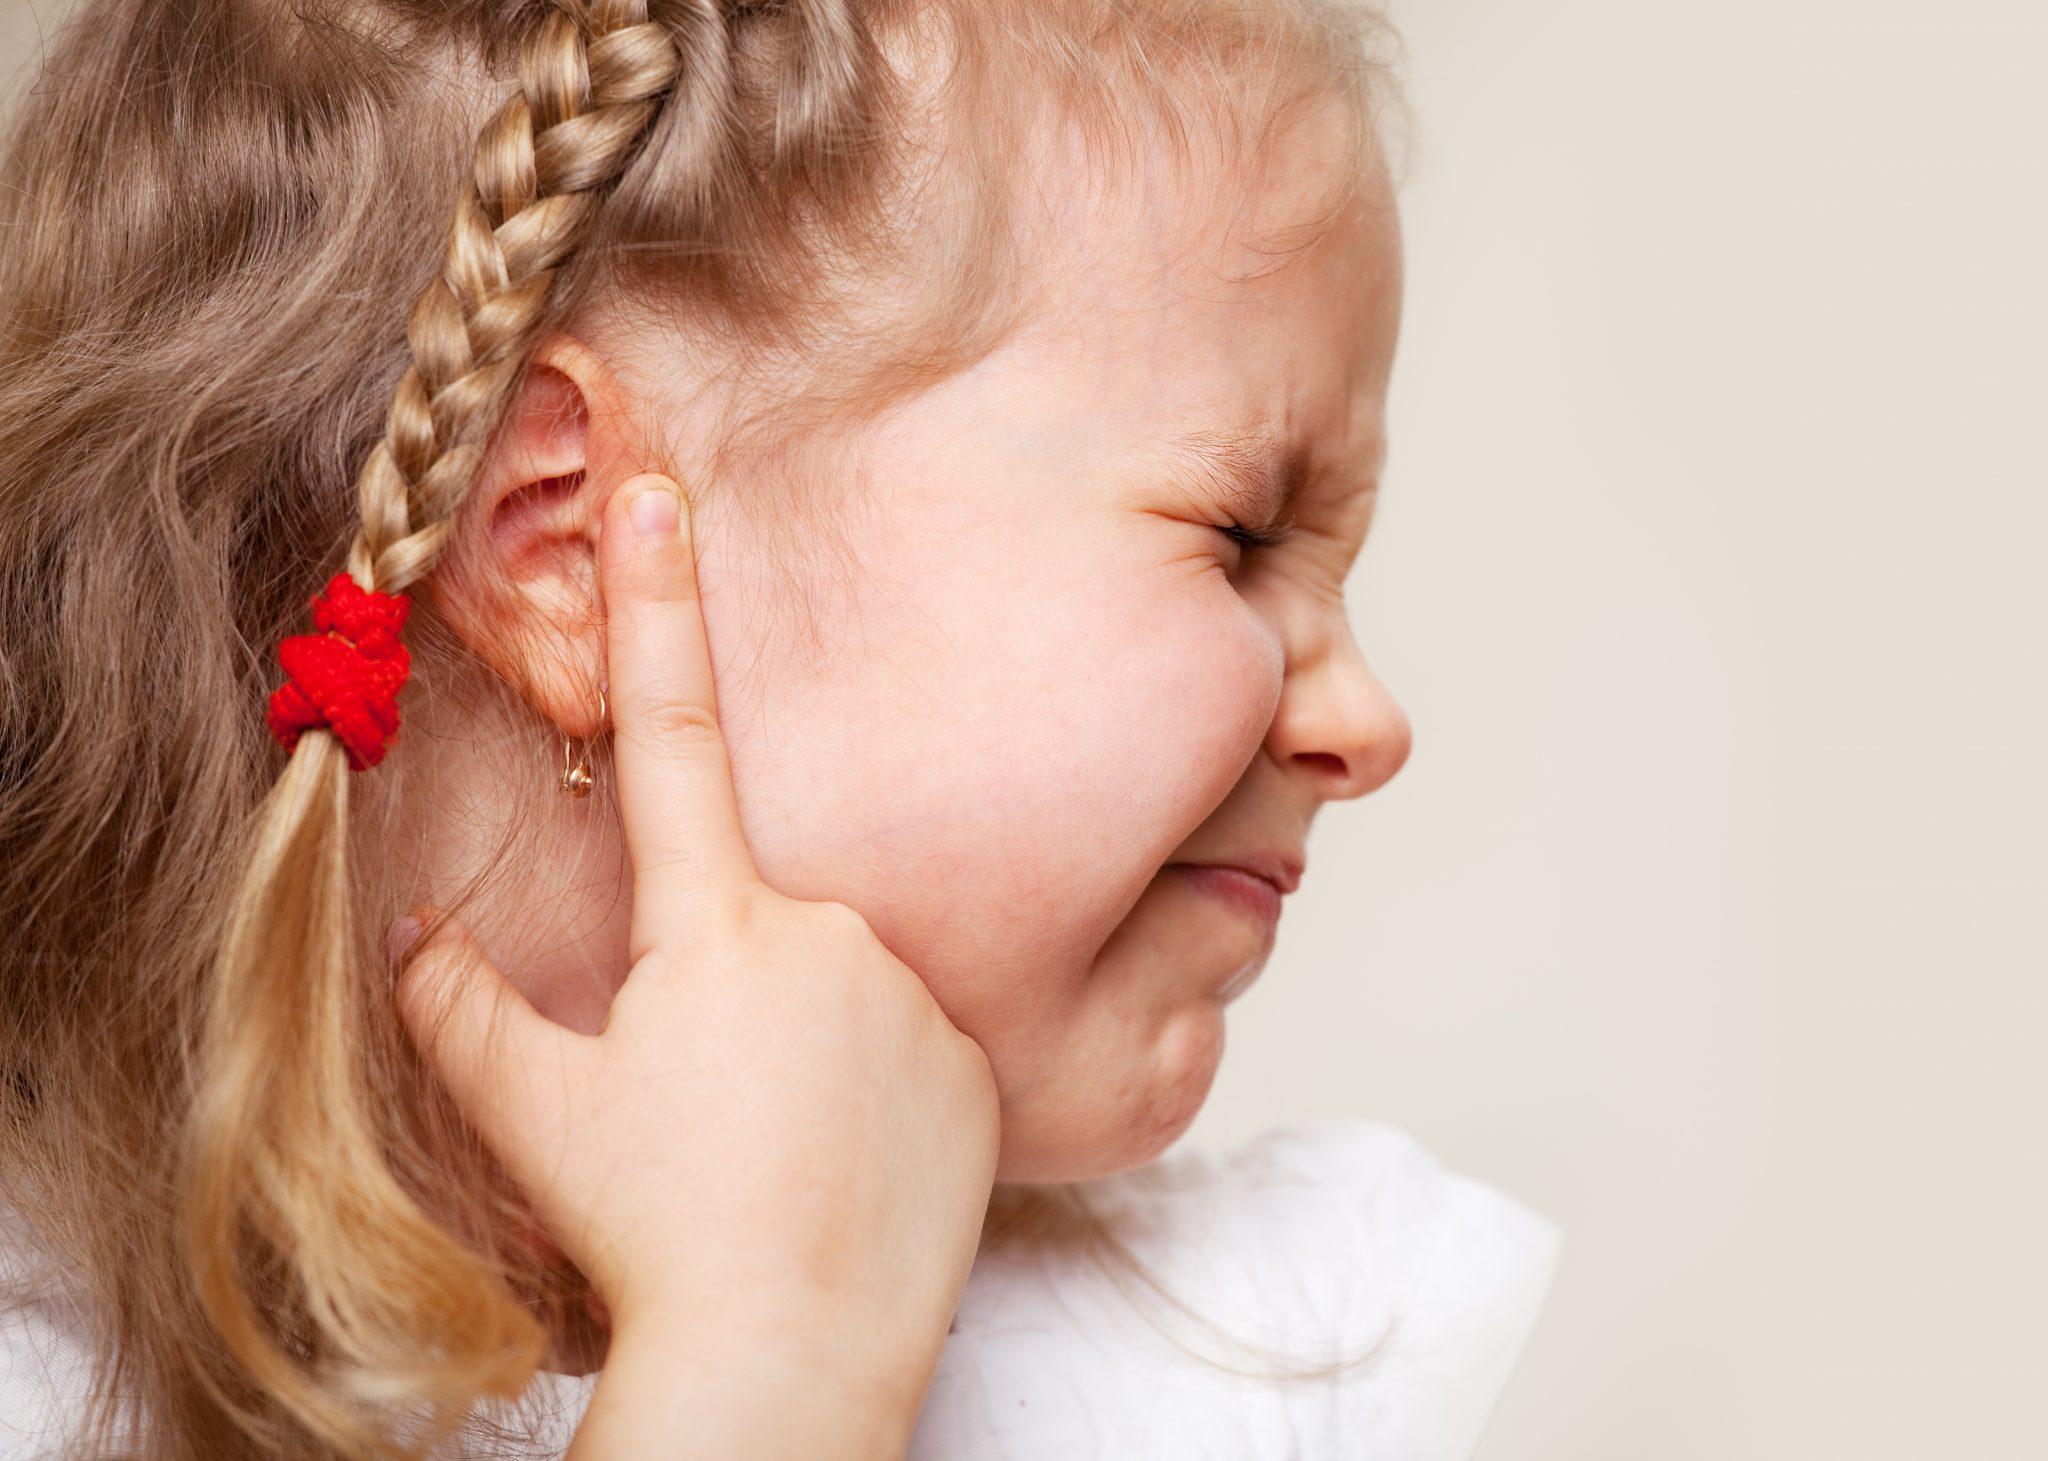 otitis aguda media - otorrinolaringologo.jpg3